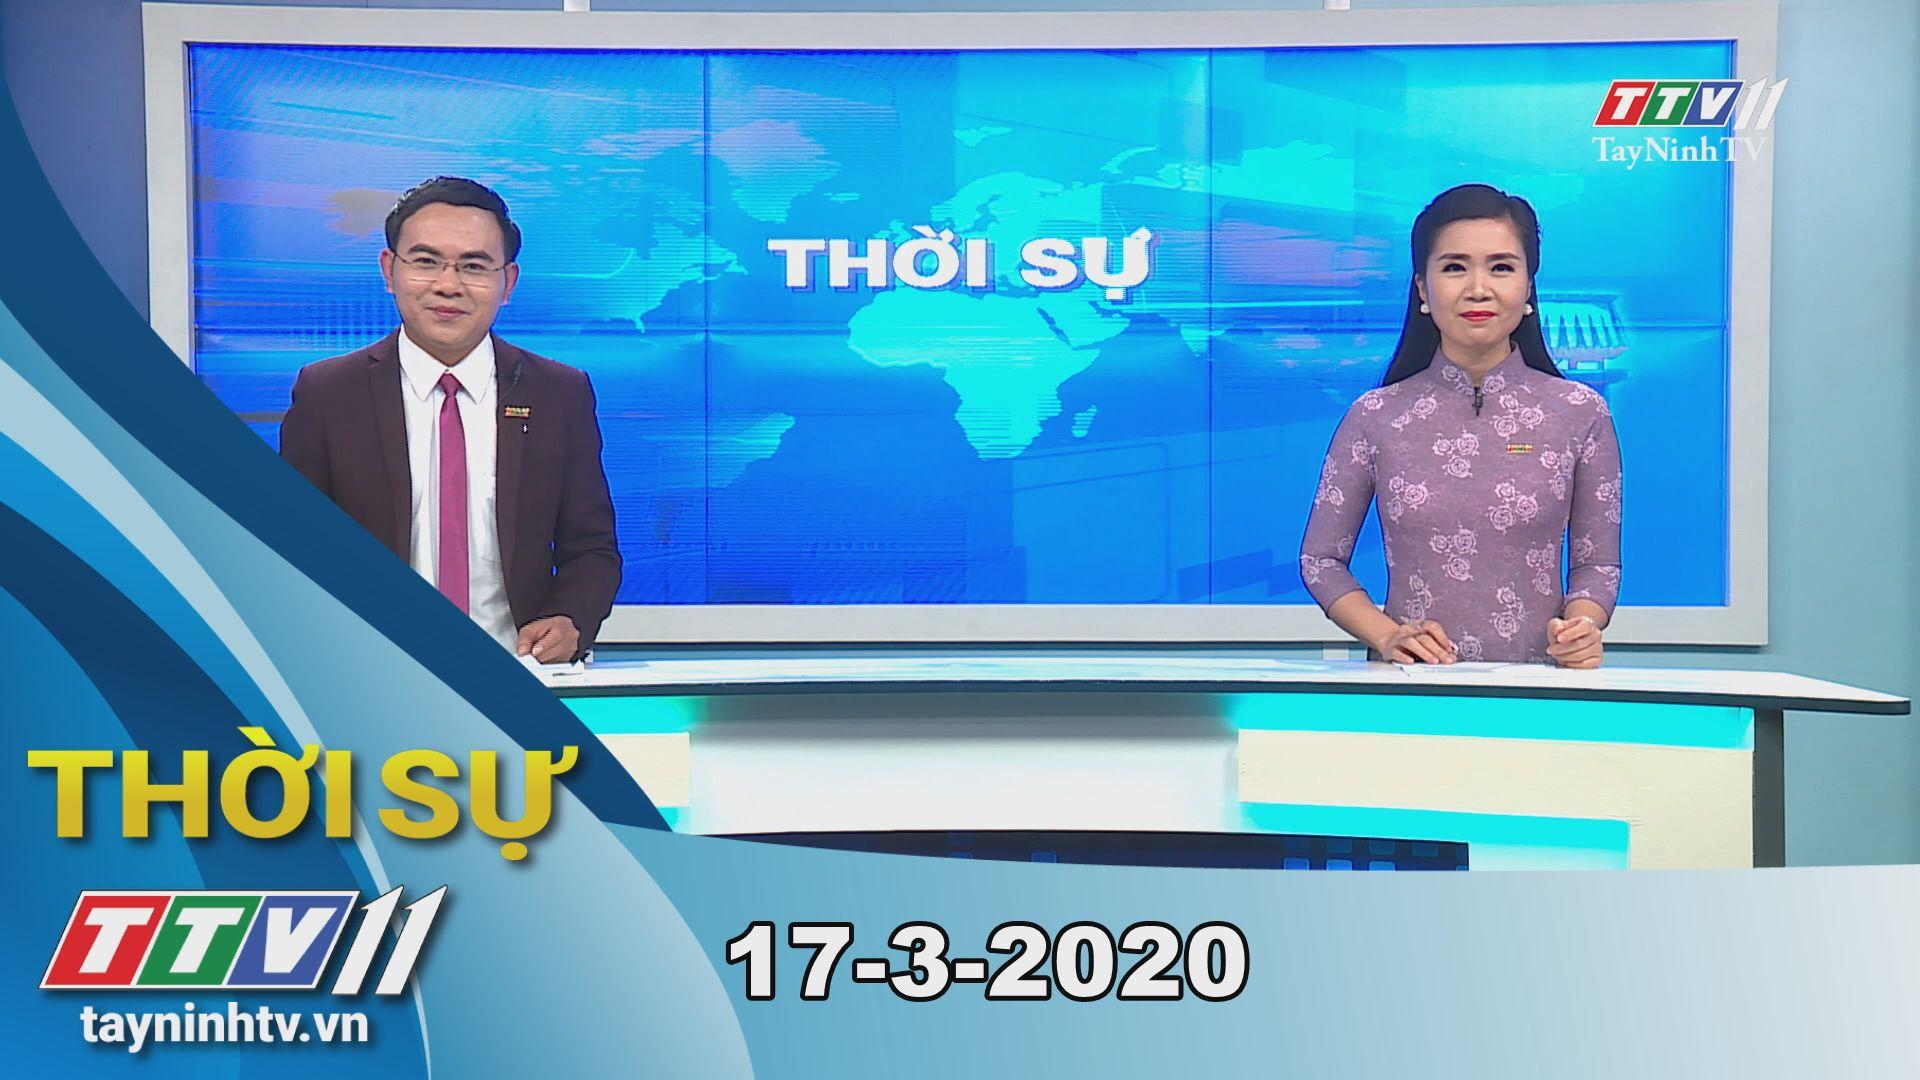 Thời sự Tây Ninh 17-3-2020 | Tin tức hôm nay | TayNinhTV